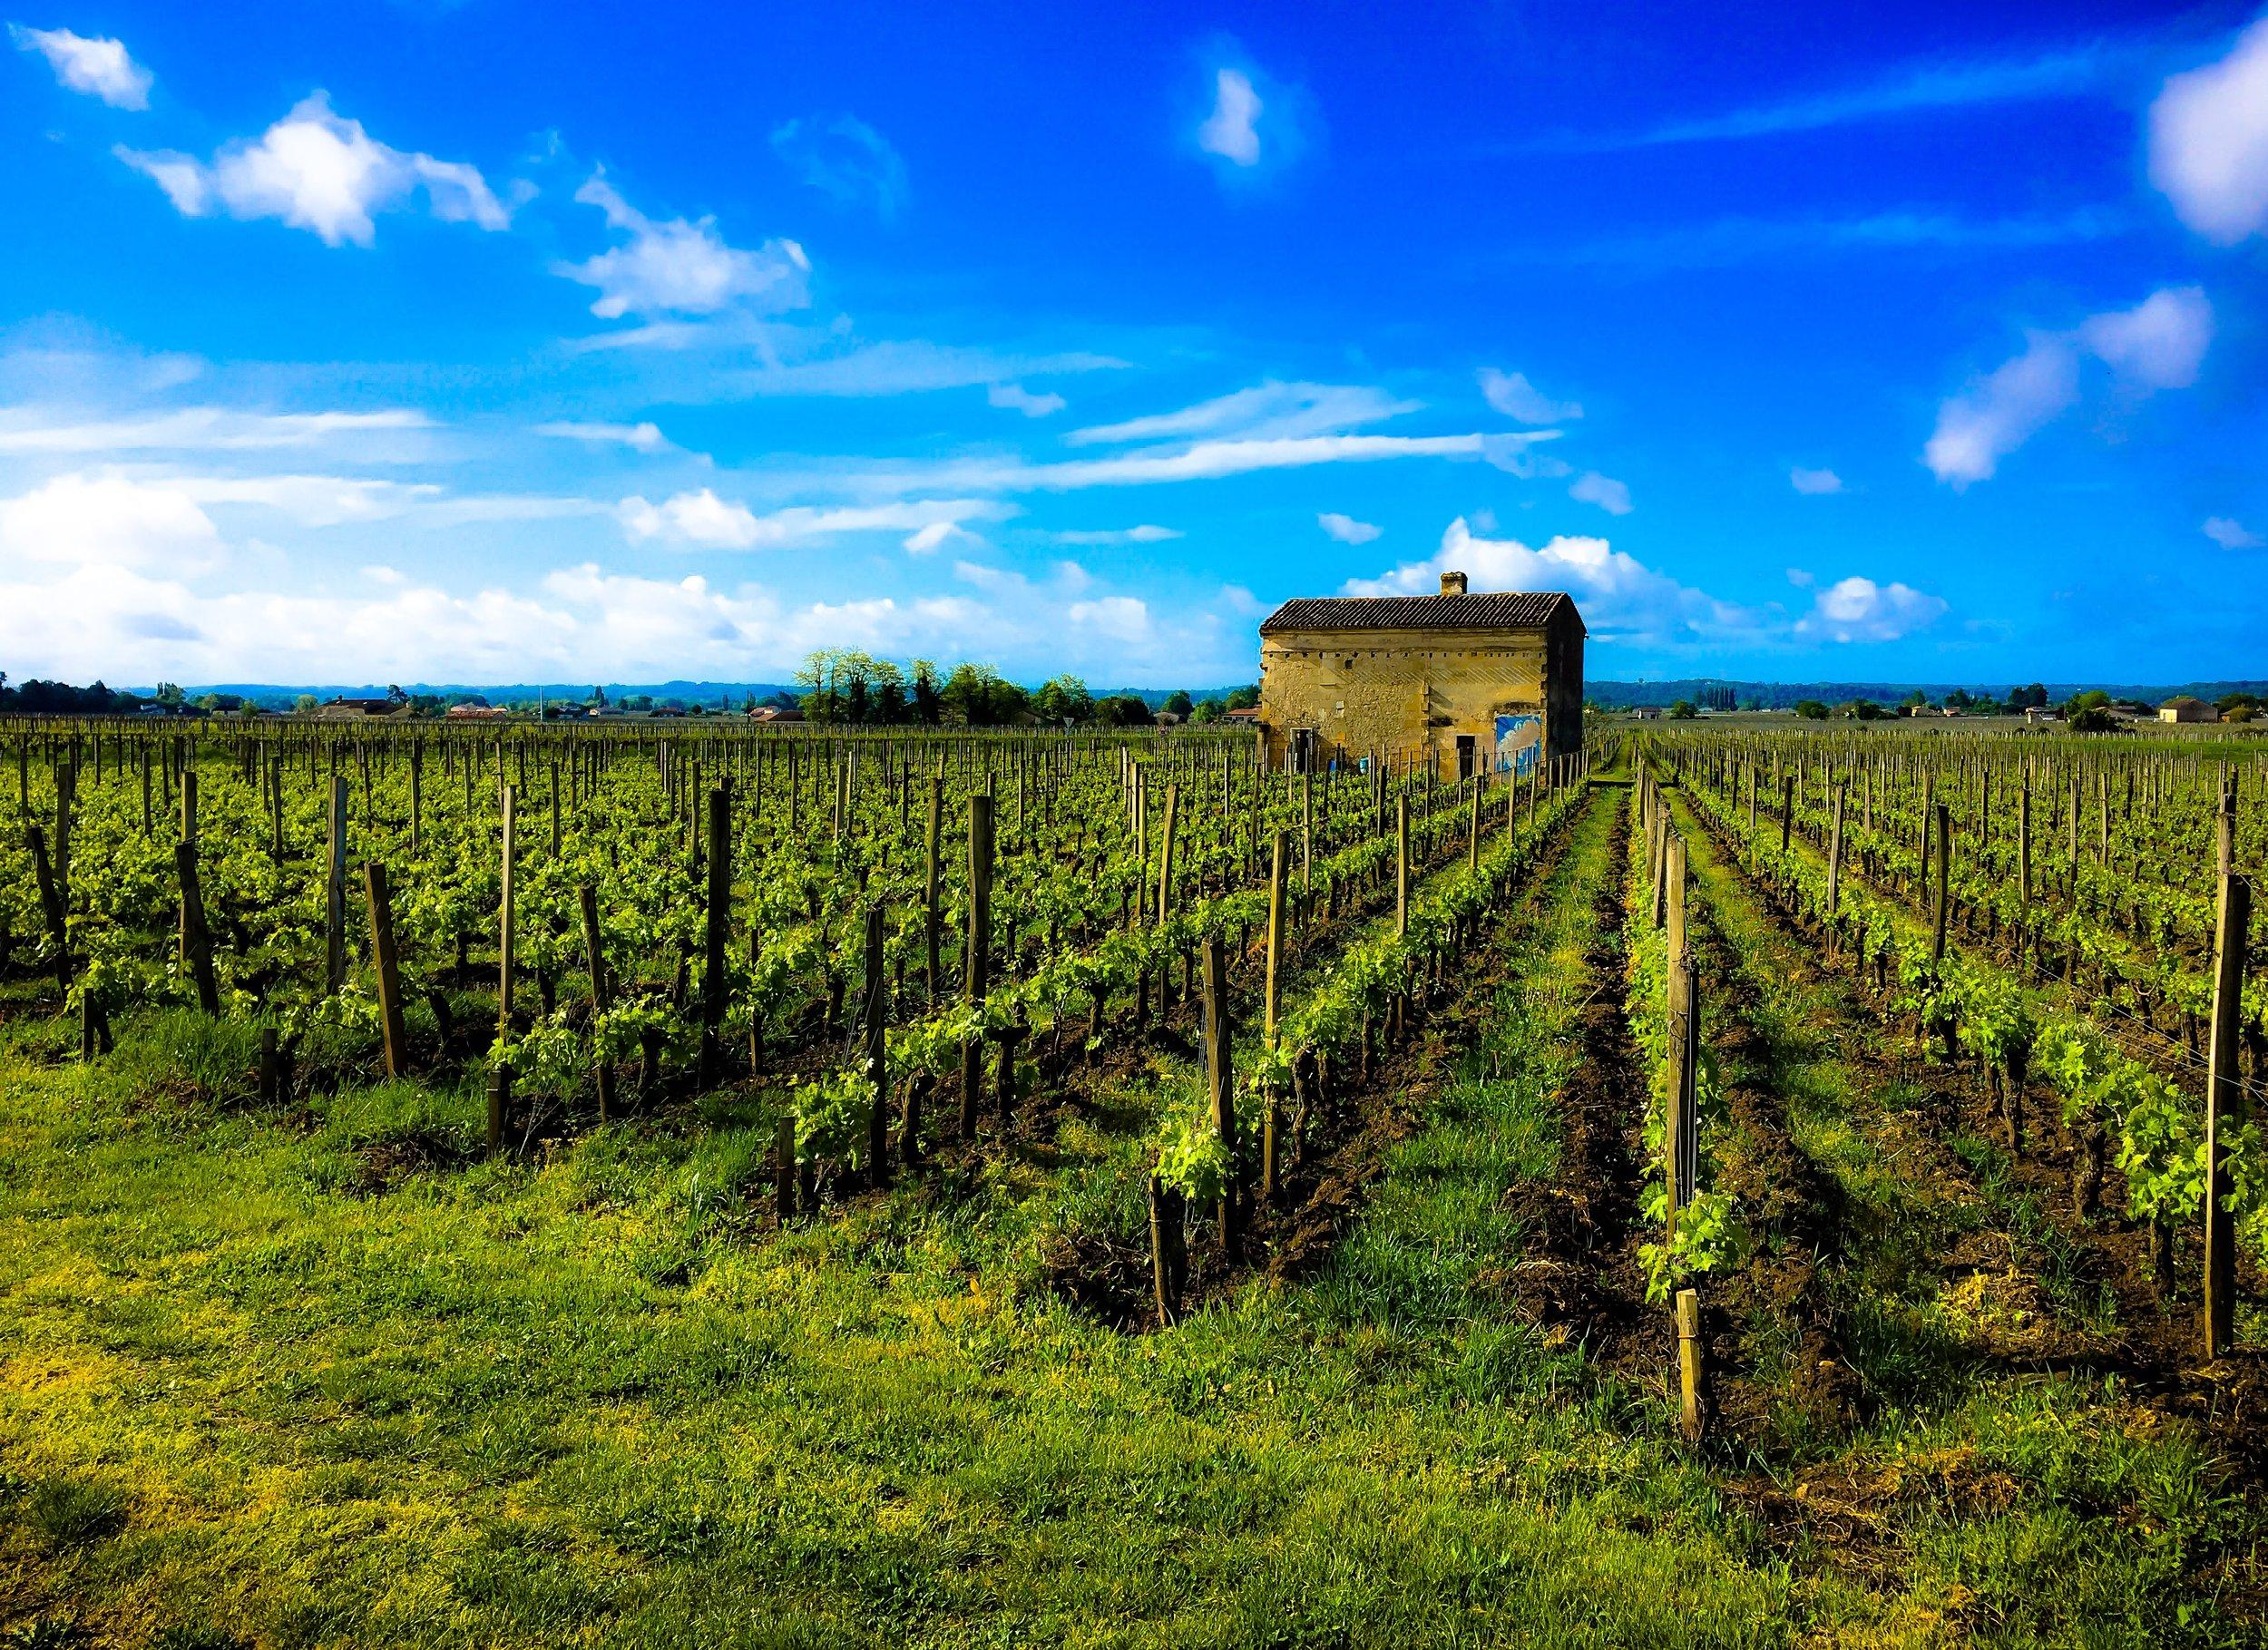 A vineyard in Saint-Émilion